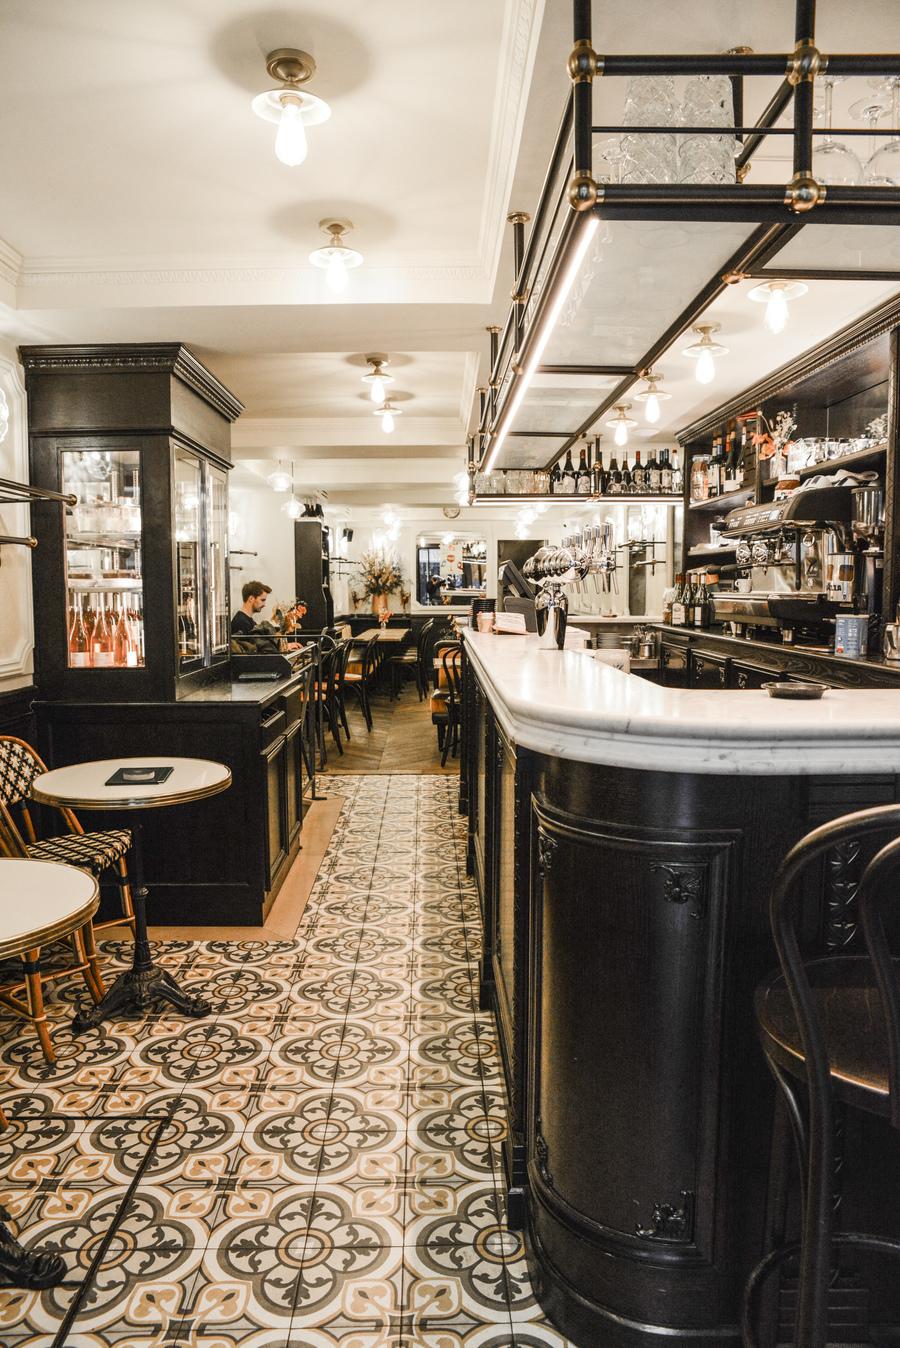 Le Studio Emma Roux en collaboration avec Arkesen ont réalisé la décoration de la brasserie Le Gevaudan dans le 5eme arrondissement de Paris. Marbre, carreau de ciment, menuiserie, comptoir.